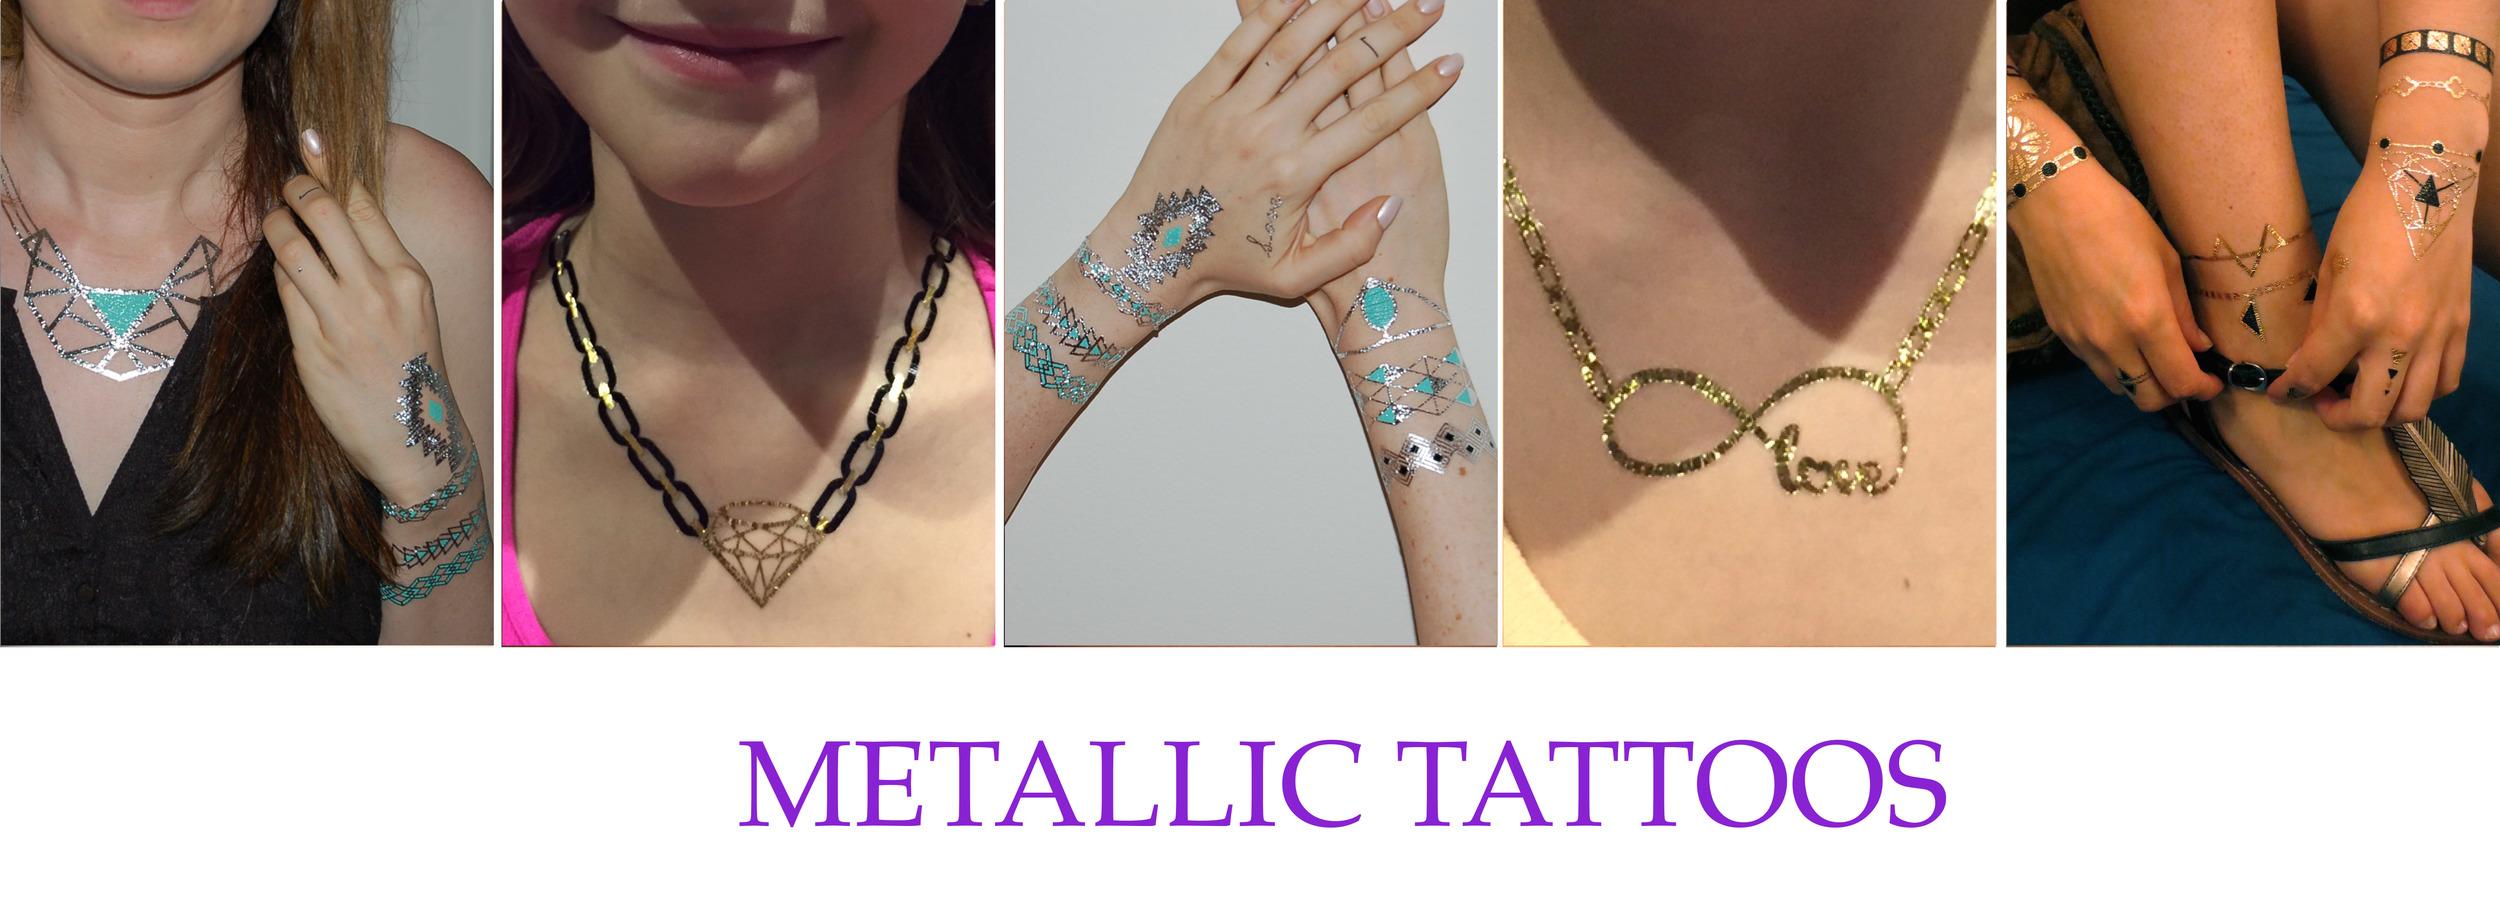 Metallic Tattoos We Adorn You.jpg